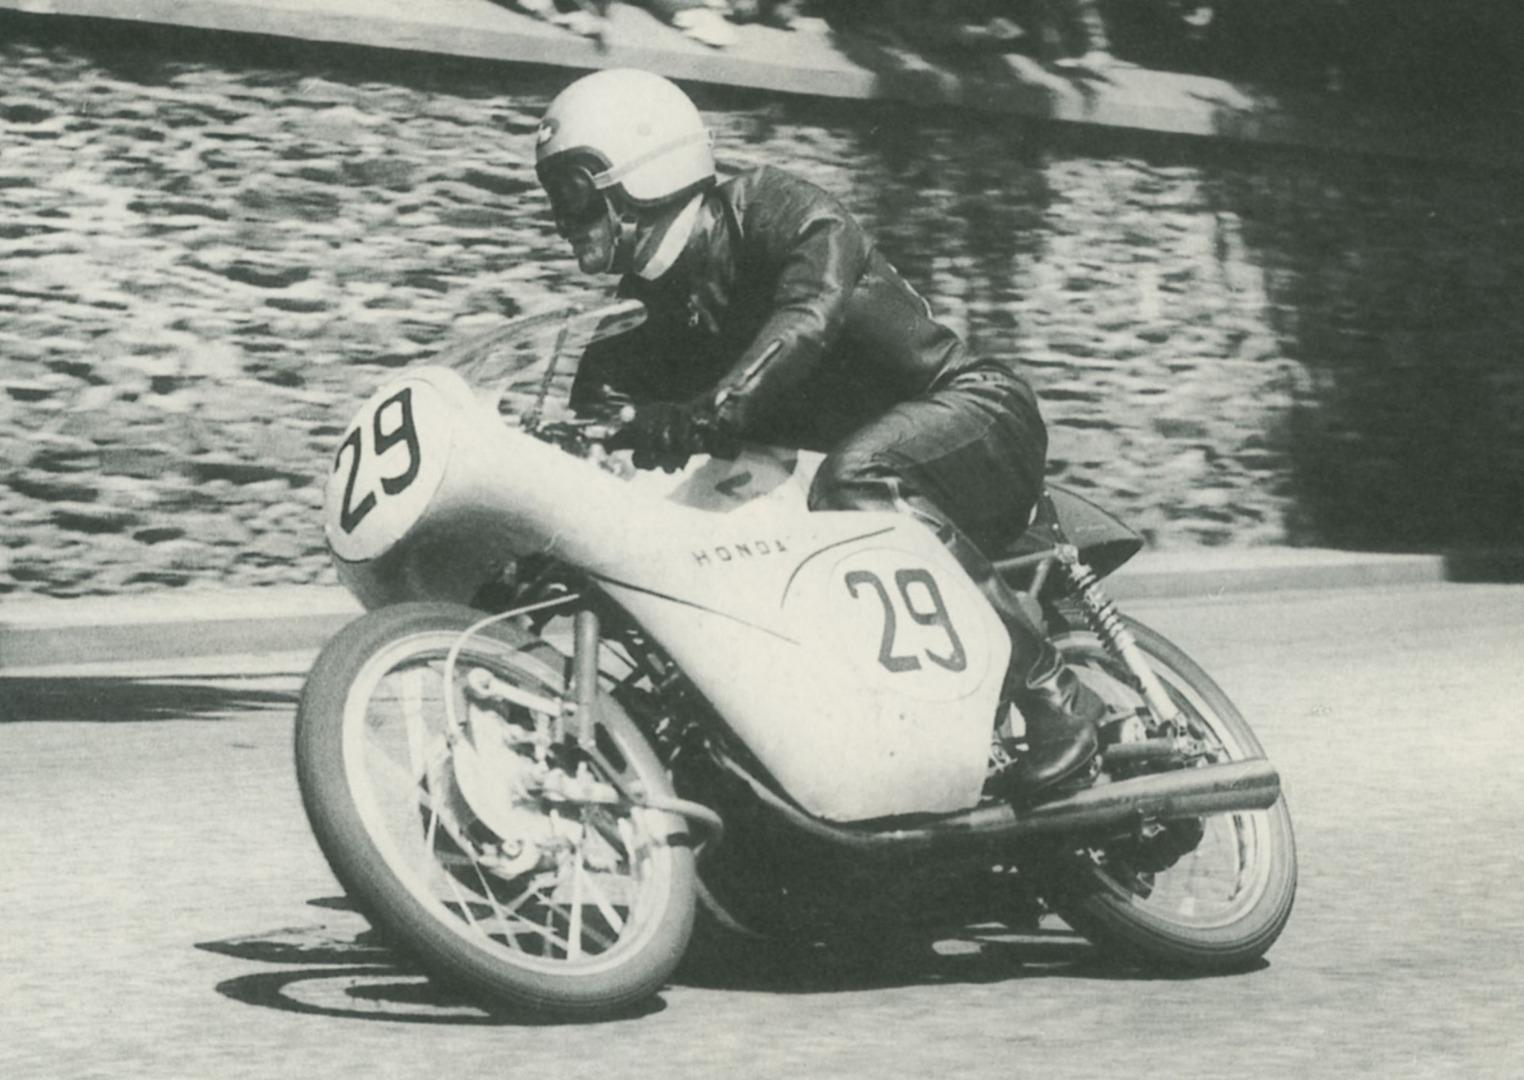 Naomi Taniguchi camino de la sexta posición en el Tourist Trophy de 1959.